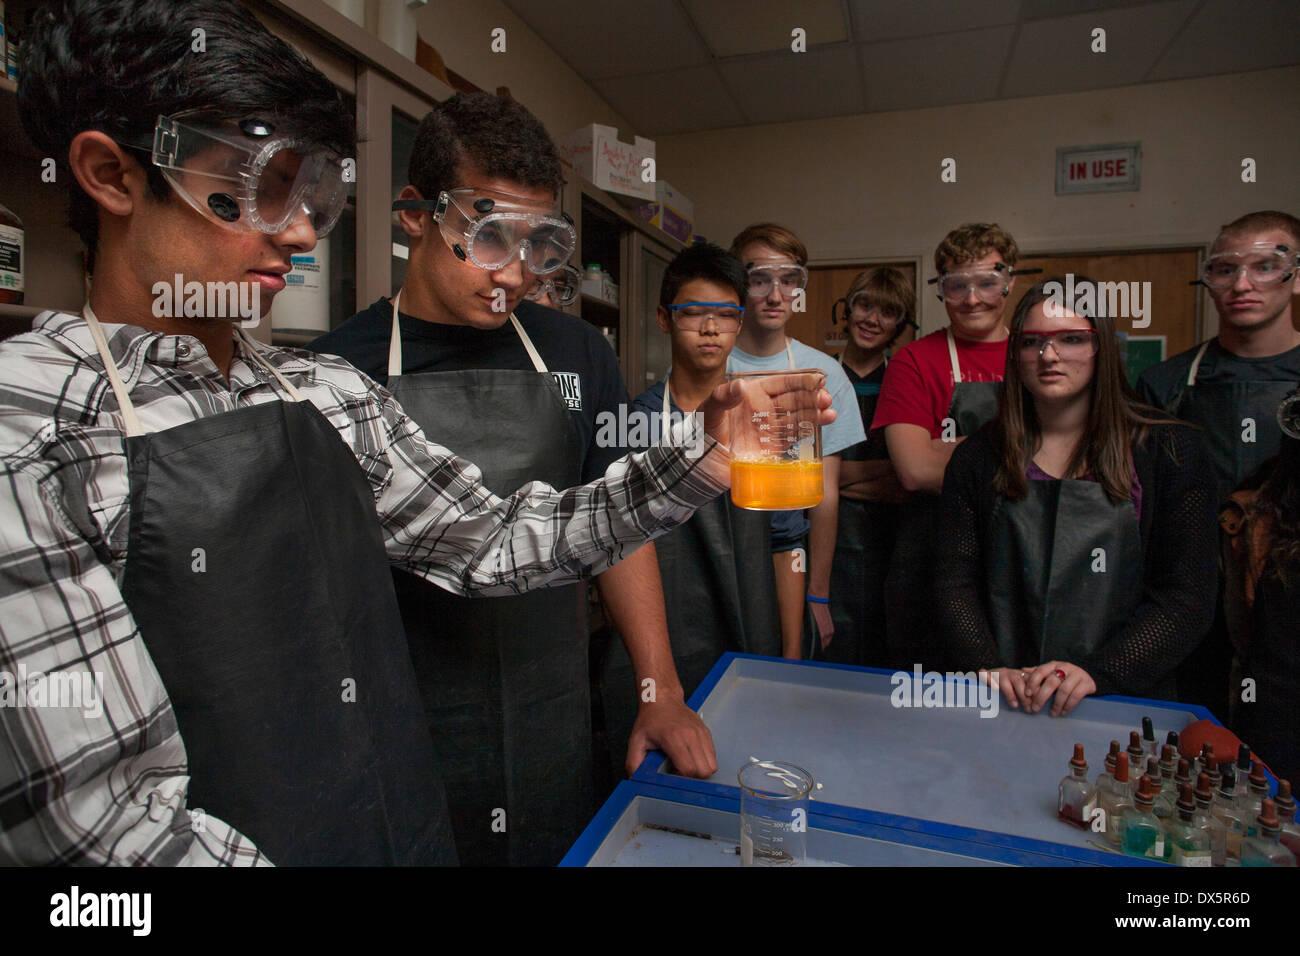 Gemischtrassig San Clemente, CA, produzieren Wissenschaft Gymnasiasten Biolumineszenz in einer Dunkelkammer durch Mischen Kaliumferrocyanid, Wasserstoffperoxid und energetische Licht-Lösung in ein Becherglas, eine cremefarbene Leuchten zu produzieren. Hinweis: Sicherheit Schürzen und Schutzbrillen. Stockfoto